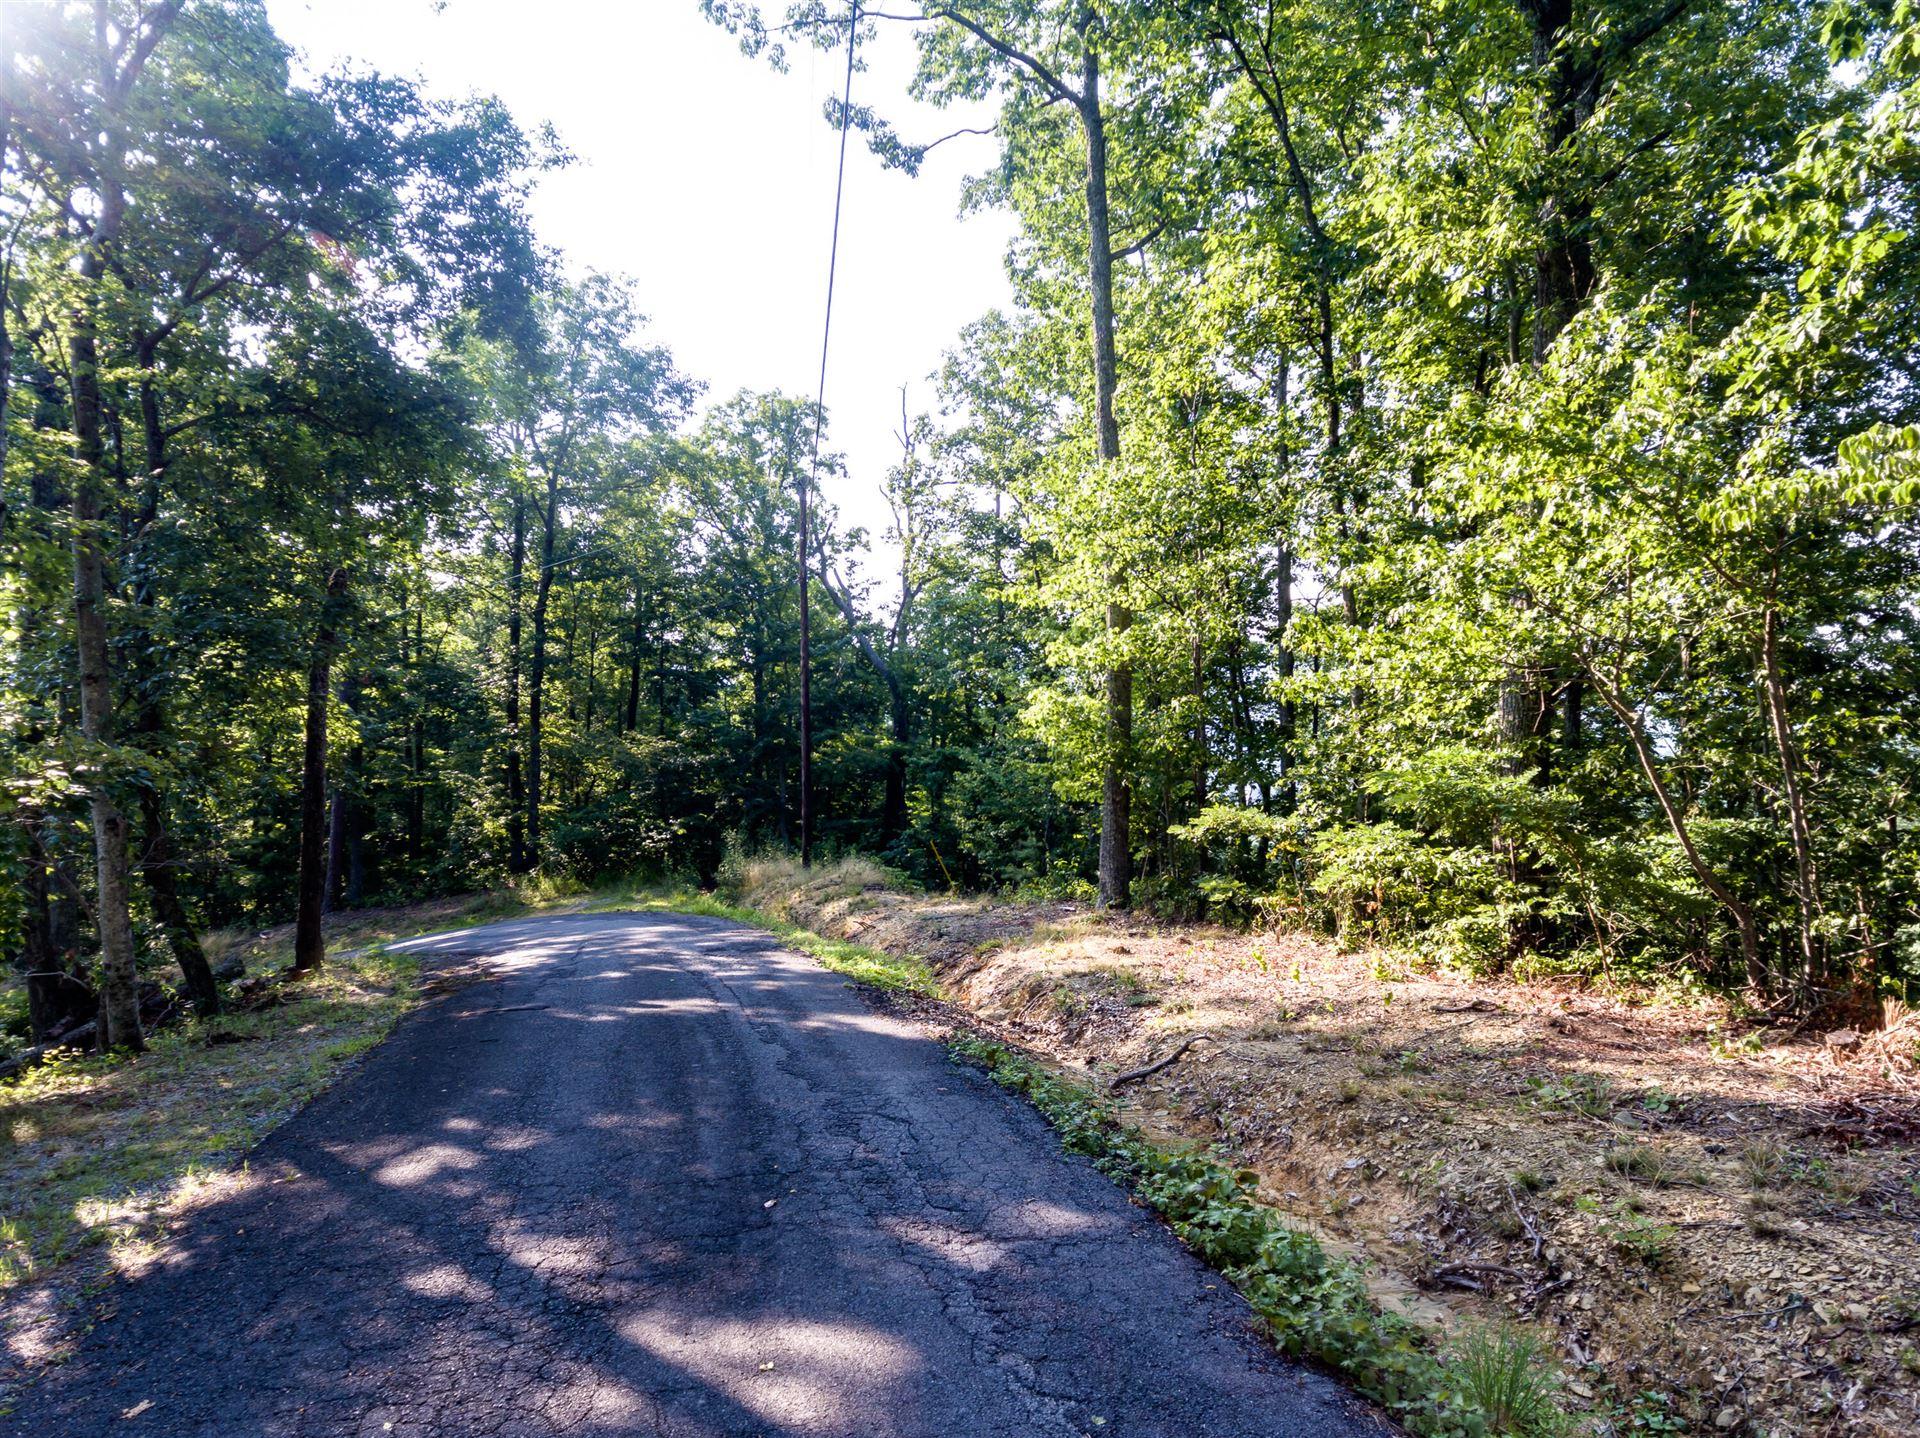 Photo of Lot 9 Headrick Lead, Sevierville, TN 37862 (MLS # 1161861)